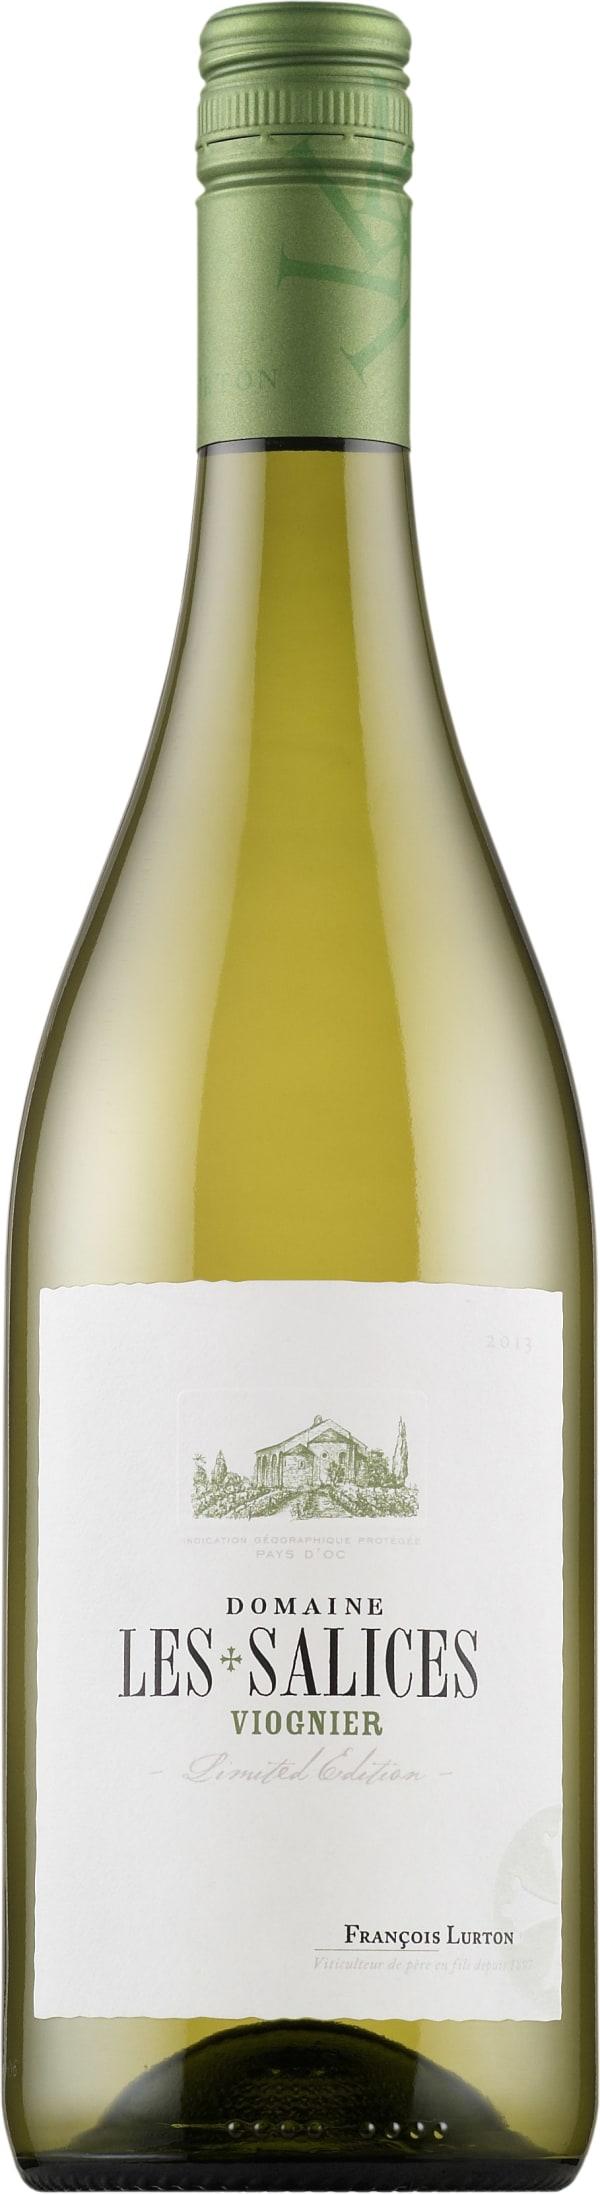 Domaine Les Salices Viognier 2015